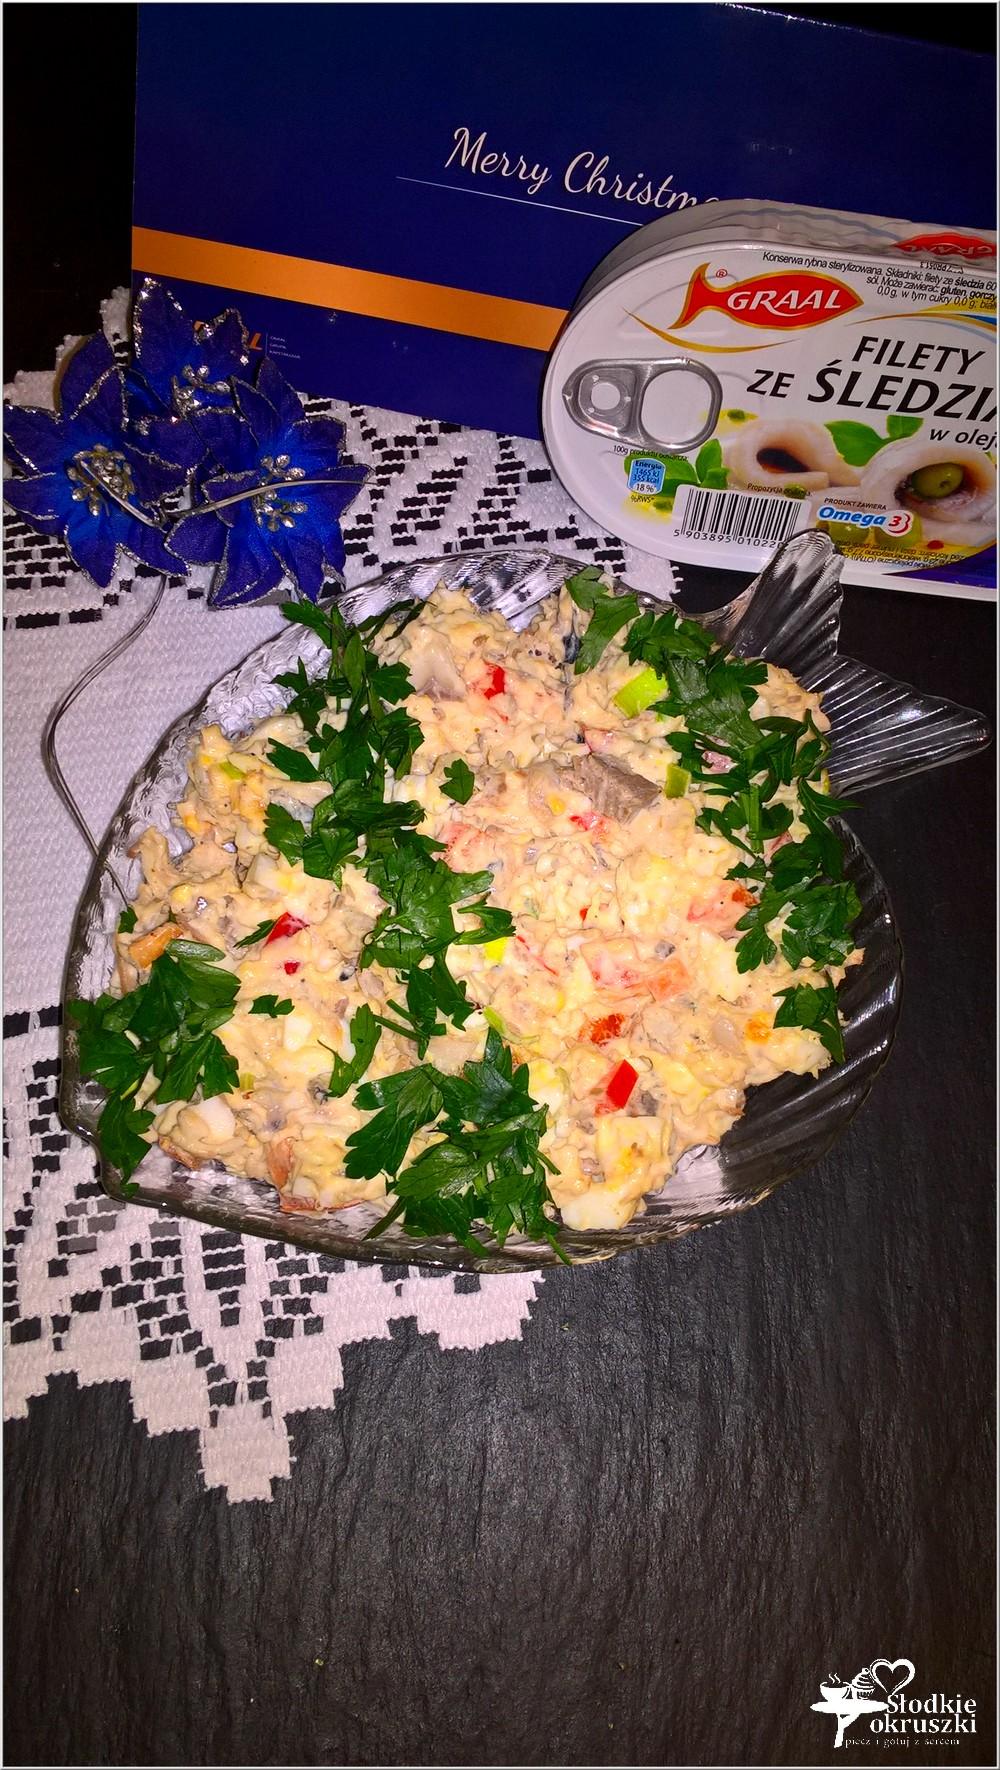 swiateczna-salatka-z-filetami-ze-sledzia-jajkiem-i-papryka-3